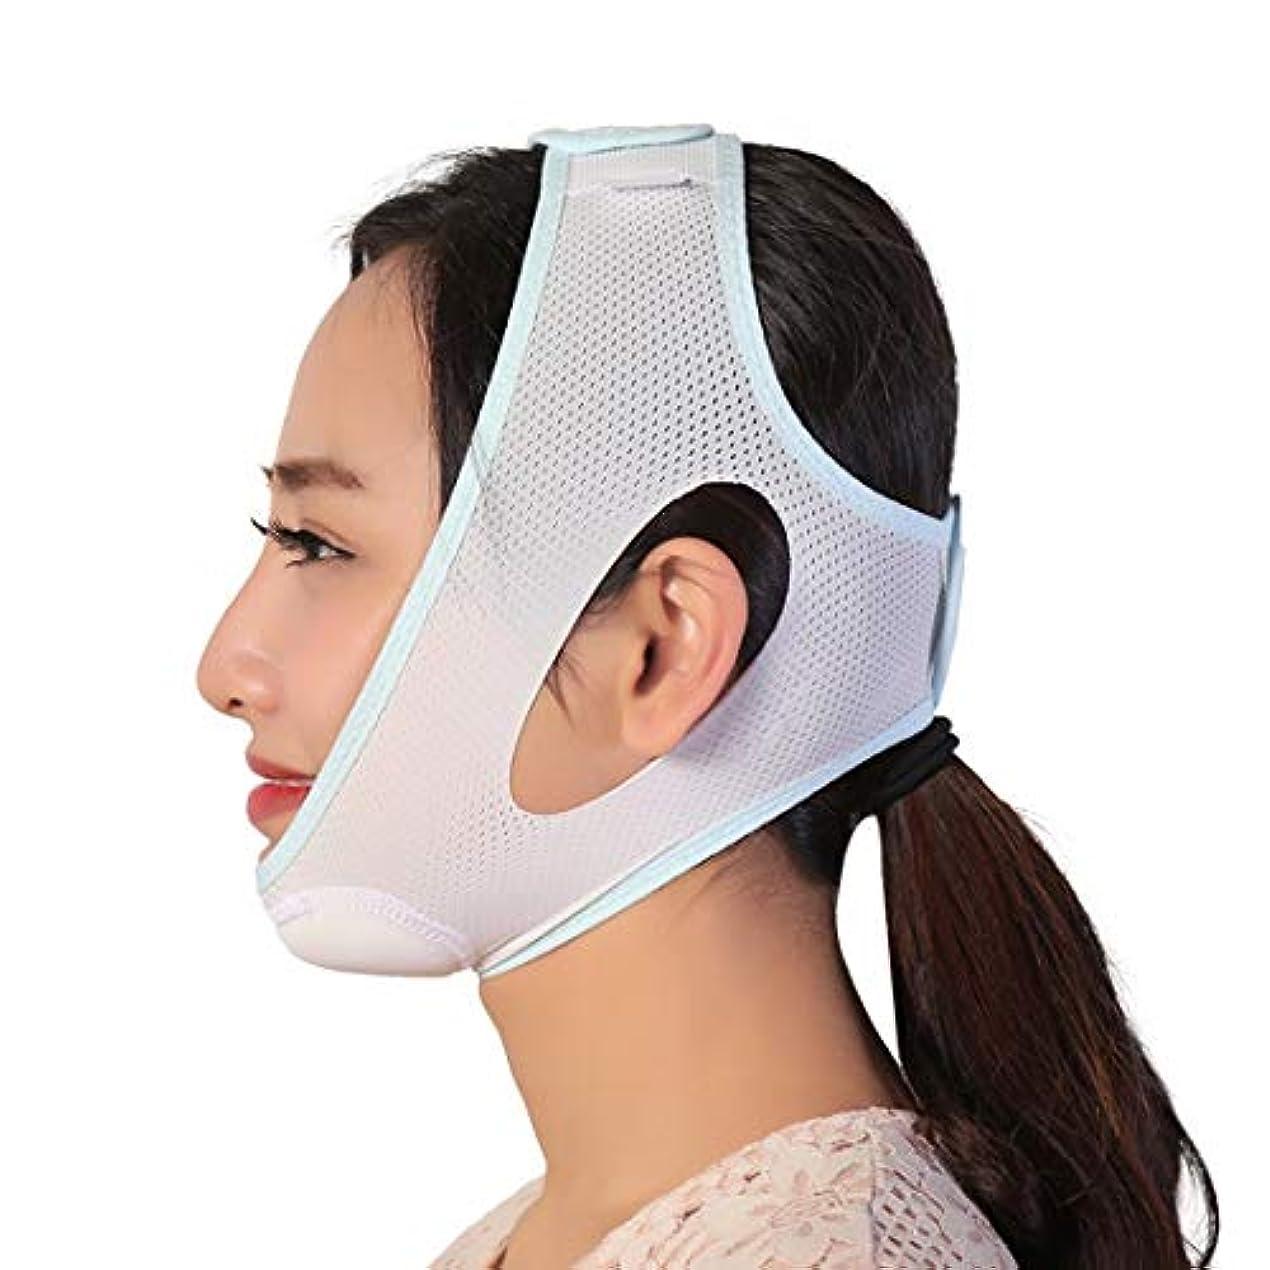 桃ちょうつがい銀ZWBD フェイスマスク, 顔を持ち上げる包帯マスク包帯小v顔整形マスクフェイスリフトステッカーに法線二重あご線術後矯正ベルト (Size : L)